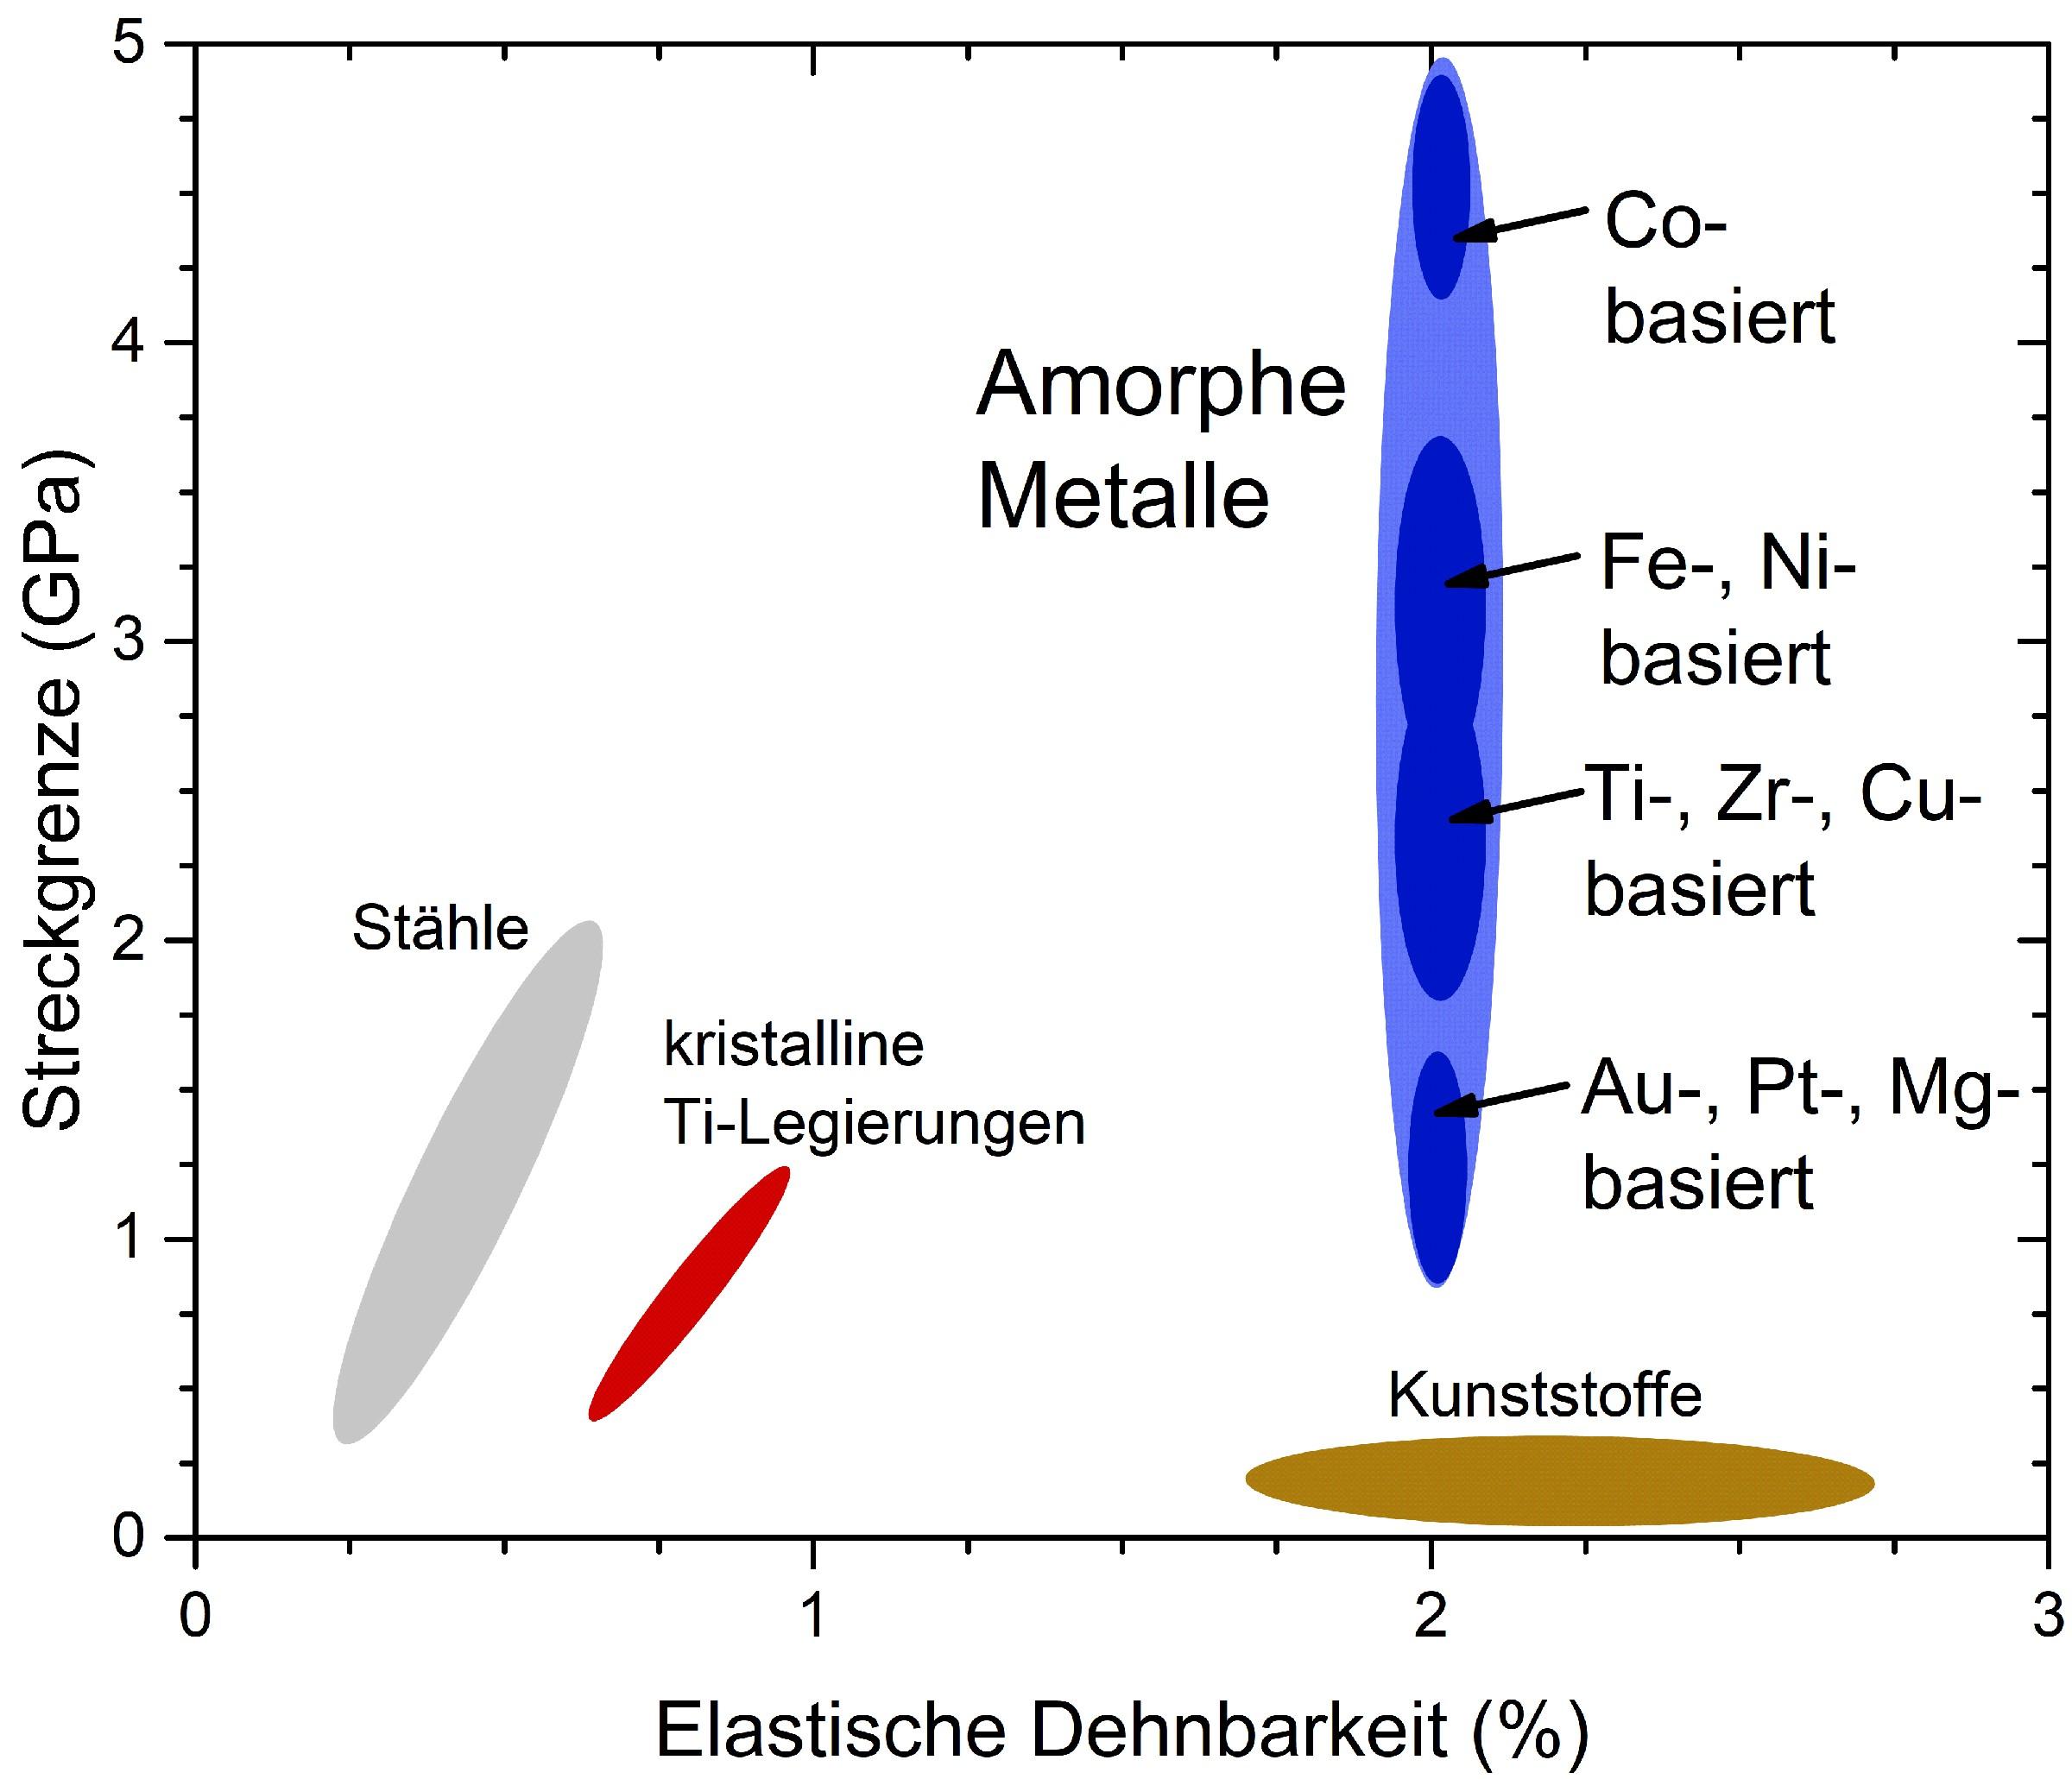 Bild 4: Darstellung der Streckgrenze gegenüber der elastischen Dehnbarkeit unterschiedlicher Materialien. Die amorphen Metalle zeigen eine Streckgrenze, die die von Stahl übertrifft, in Kombination mit einer Elastizität von Kunstoffen [2]. (Bild: Universität des Saarlandes)